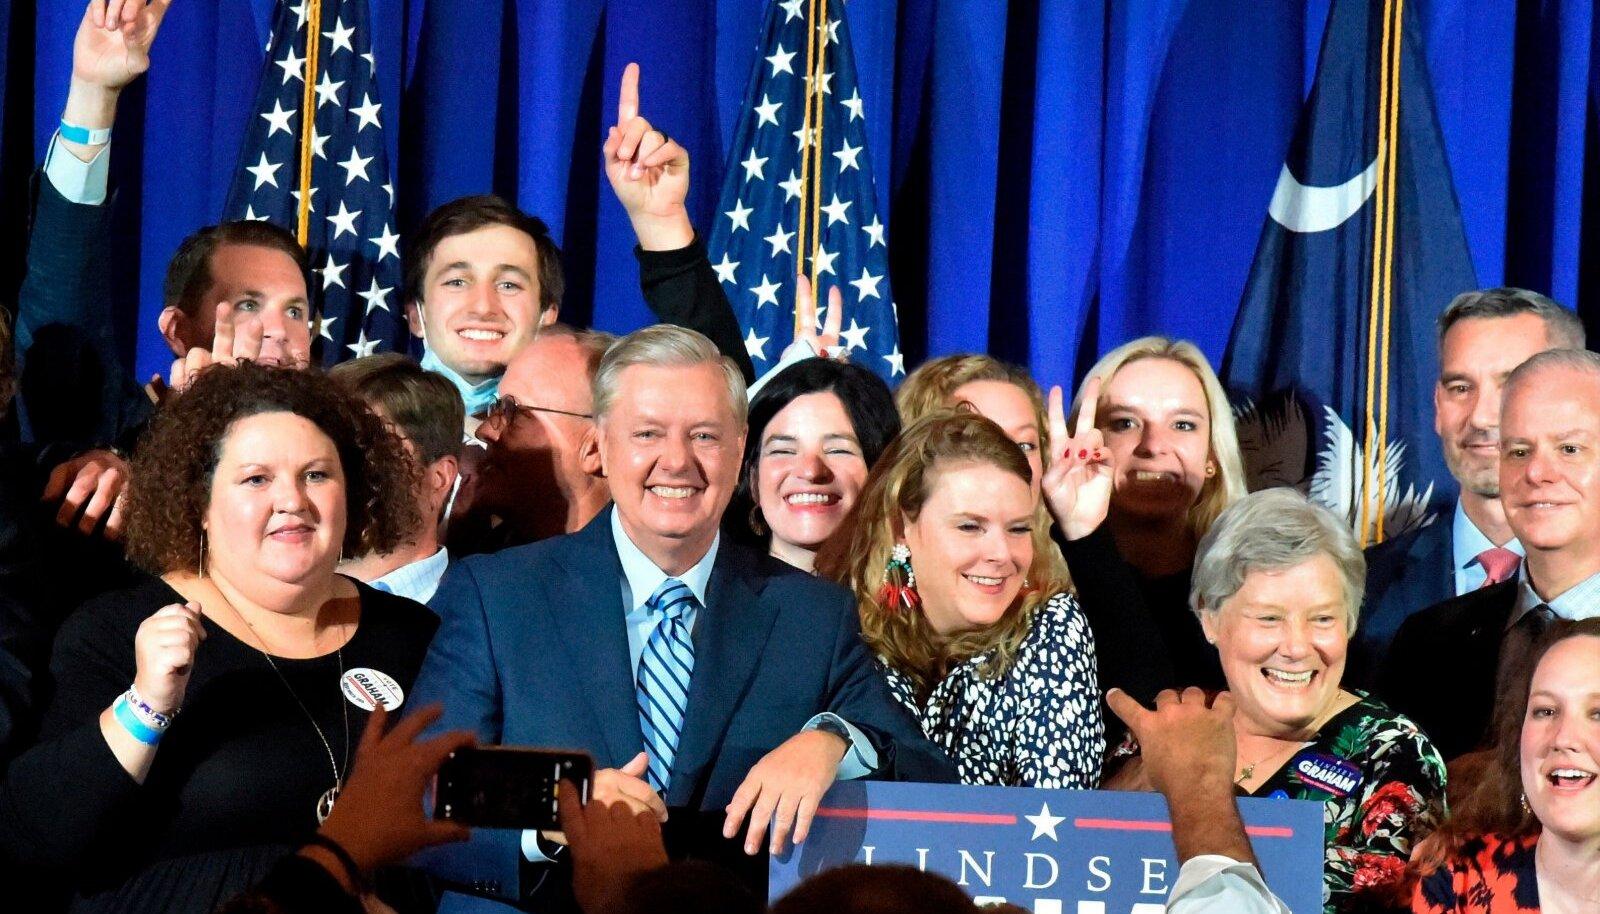 Vabariiklaste võidukas senaator Lindsey Graham eile toetajate keskel